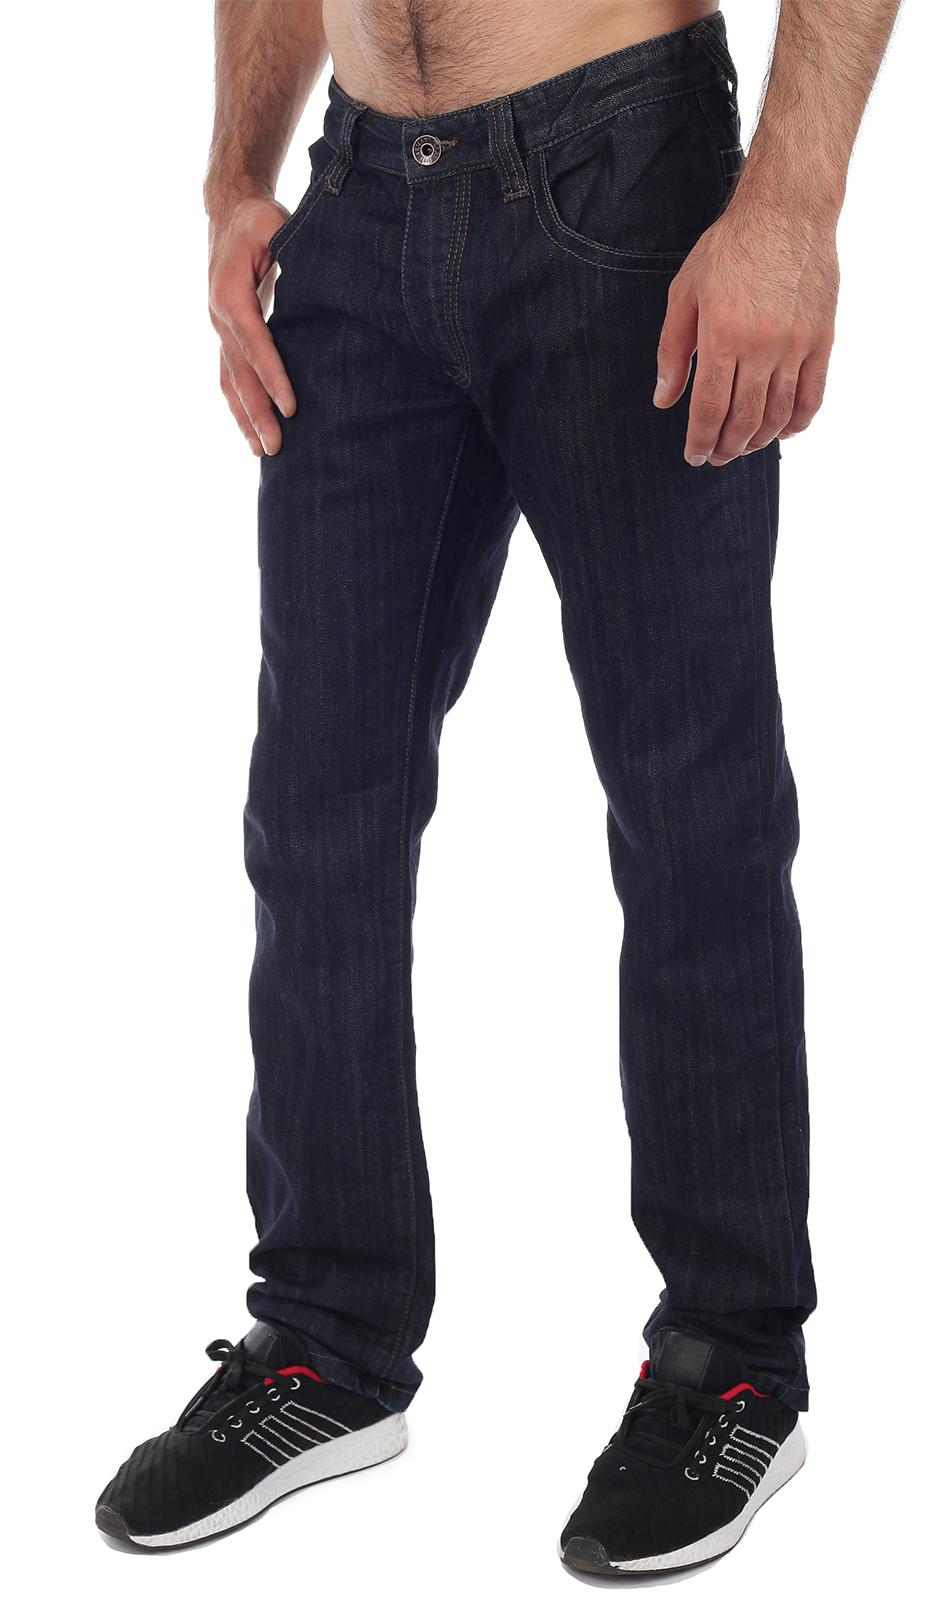 d68a1aa95b4 Закупка  4 СП Брендовая одежда по доступным ценам. НОВИНКИ! Цены ...